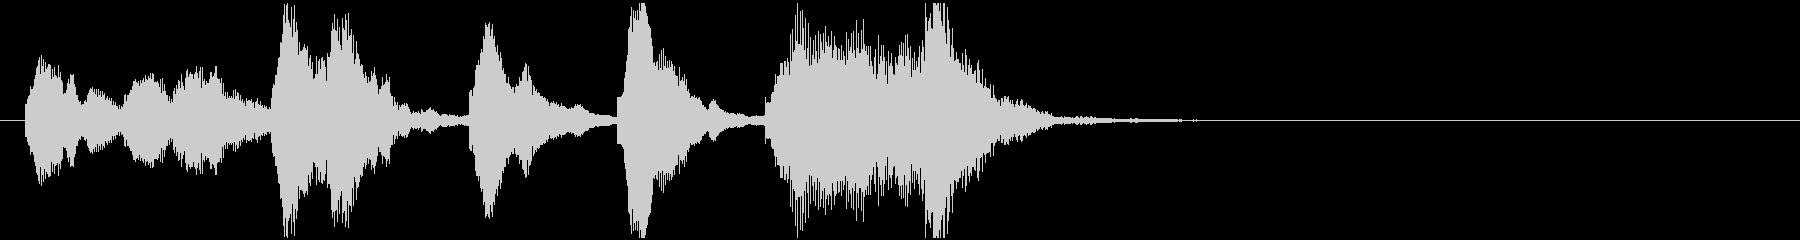 のほほんジングル001_コミカル+3の未再生の波形